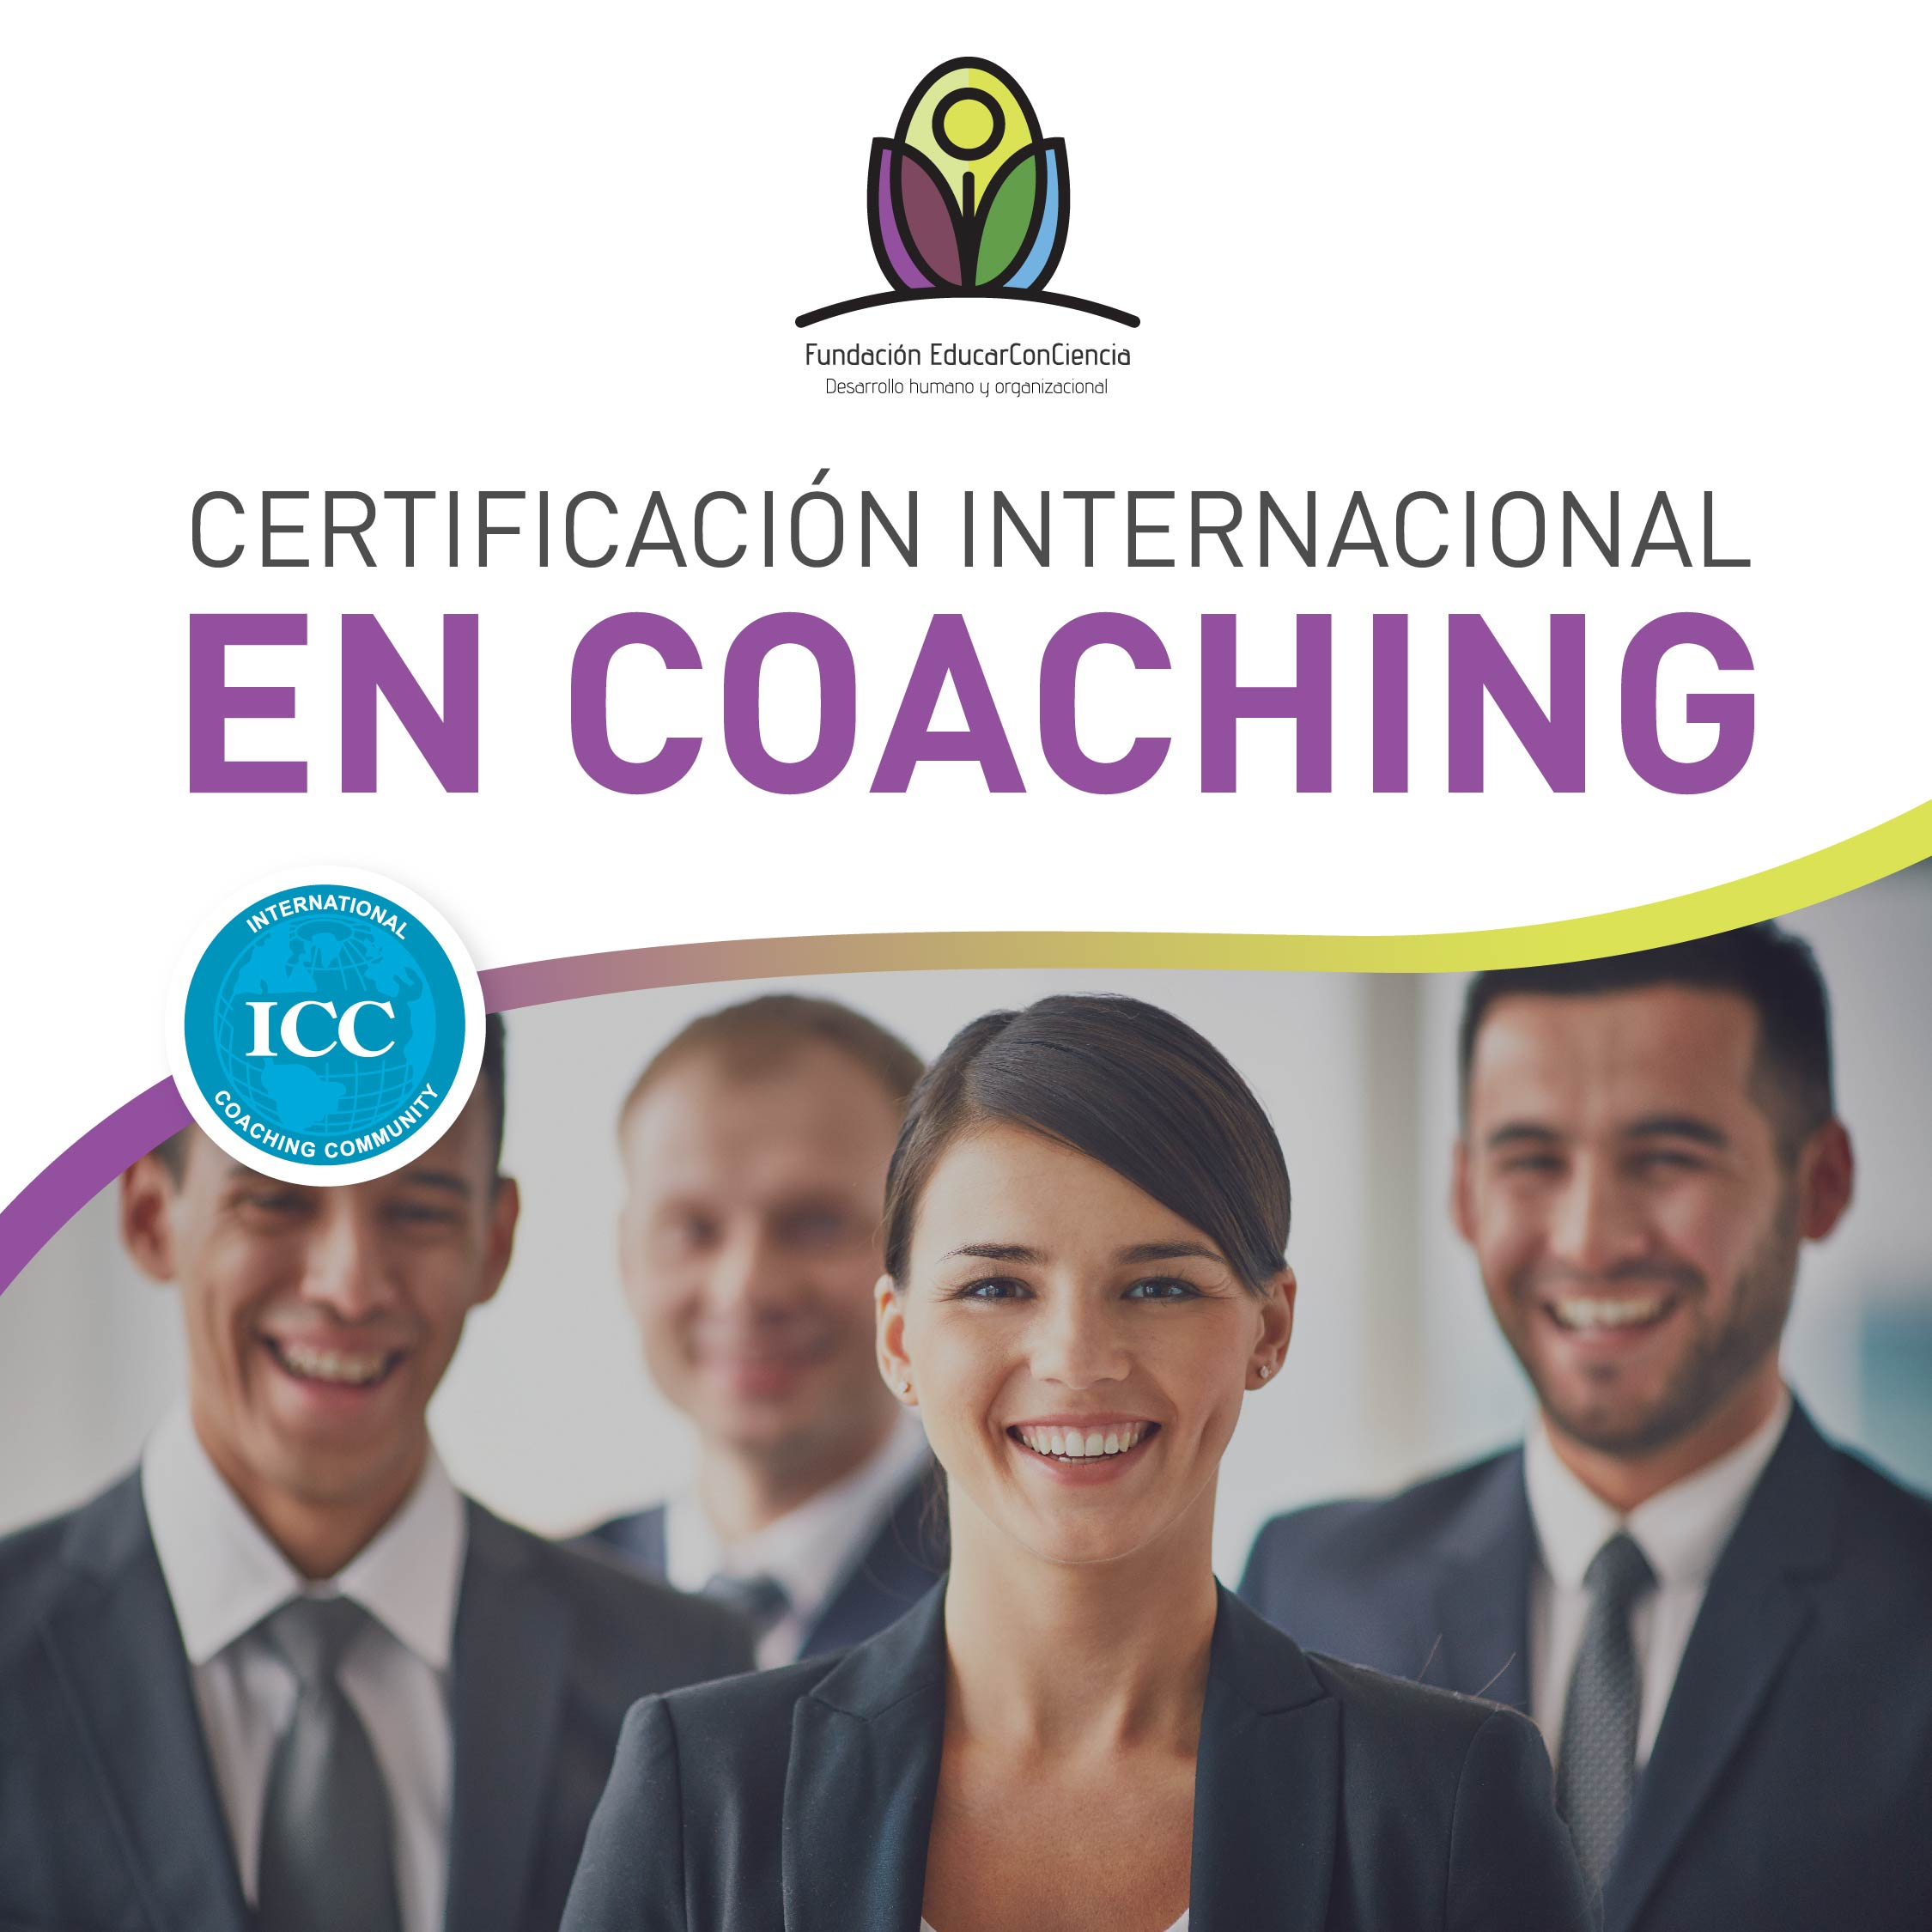 Certificación Internacional en Coaching 2021